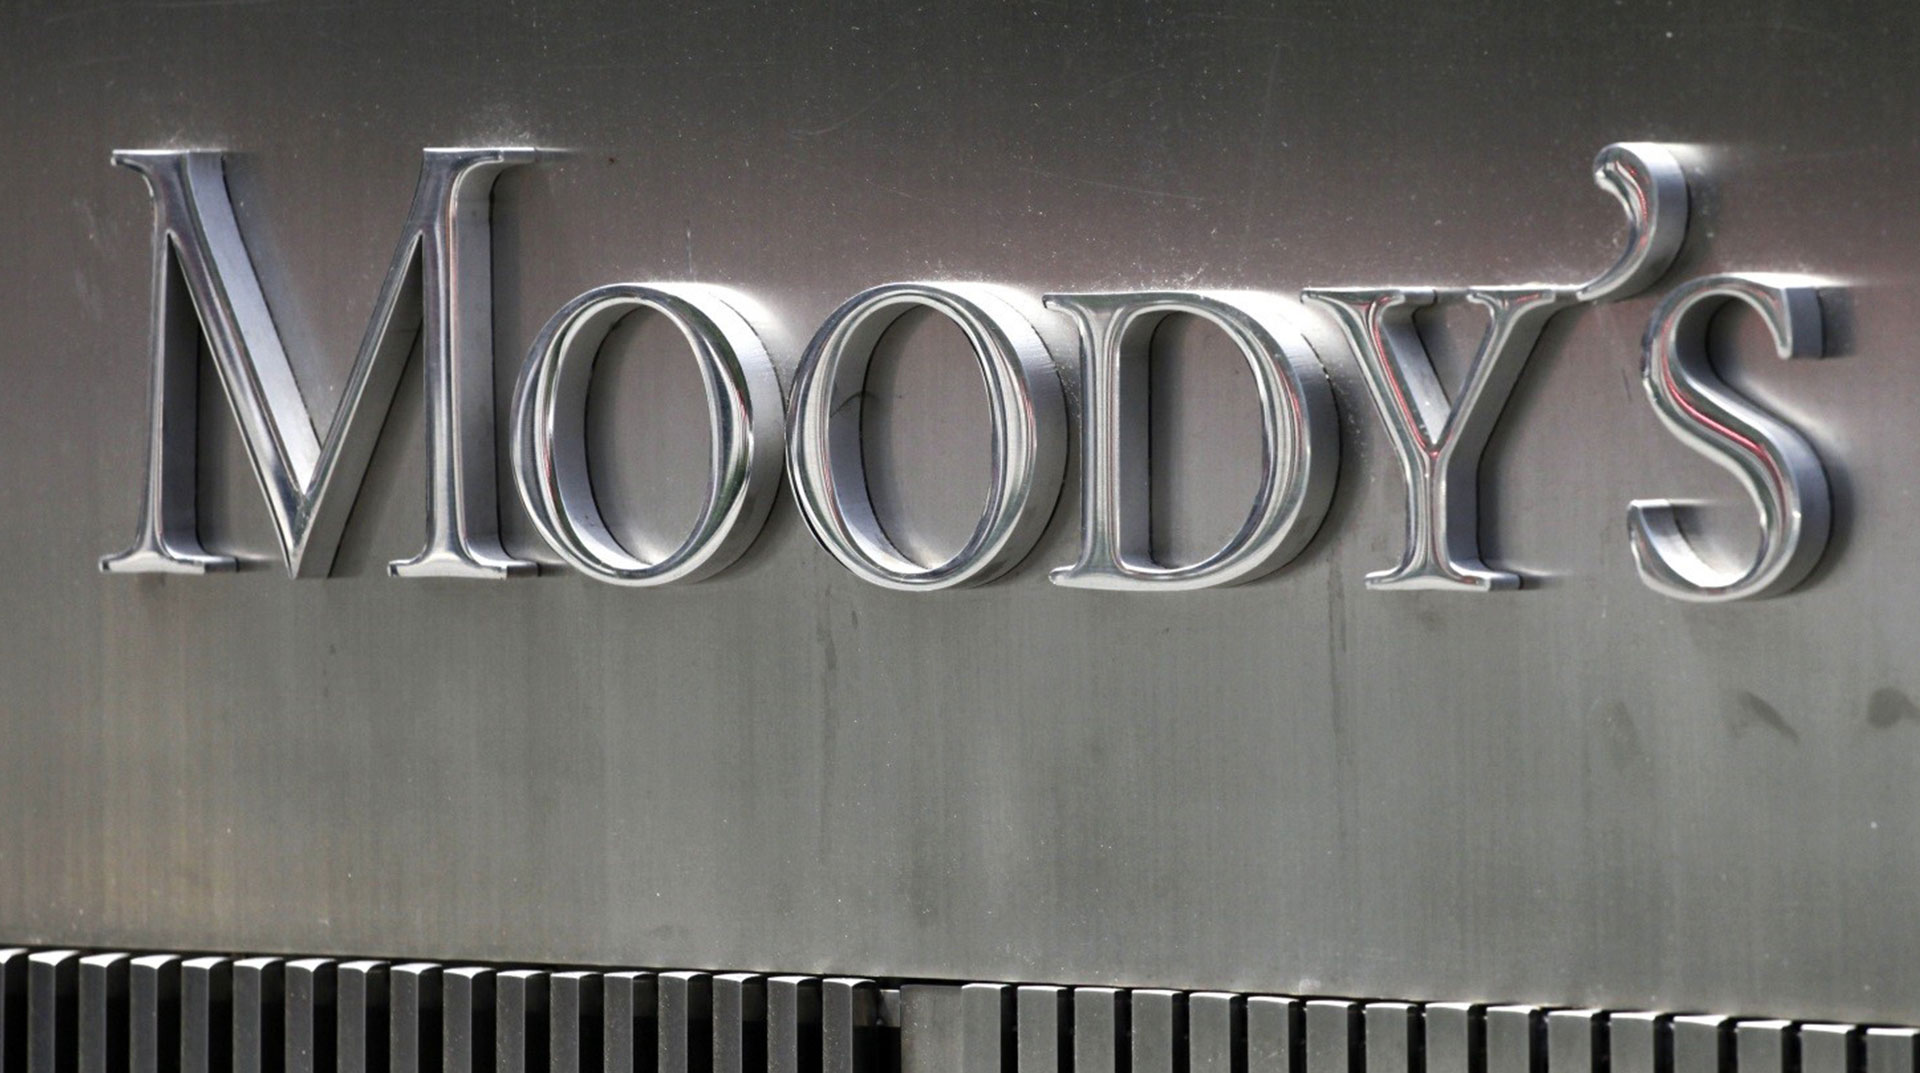 Moody's'ten Yaptırım Açıklaması: Türkiye'nin Ekonomik Riskleri Artıyor